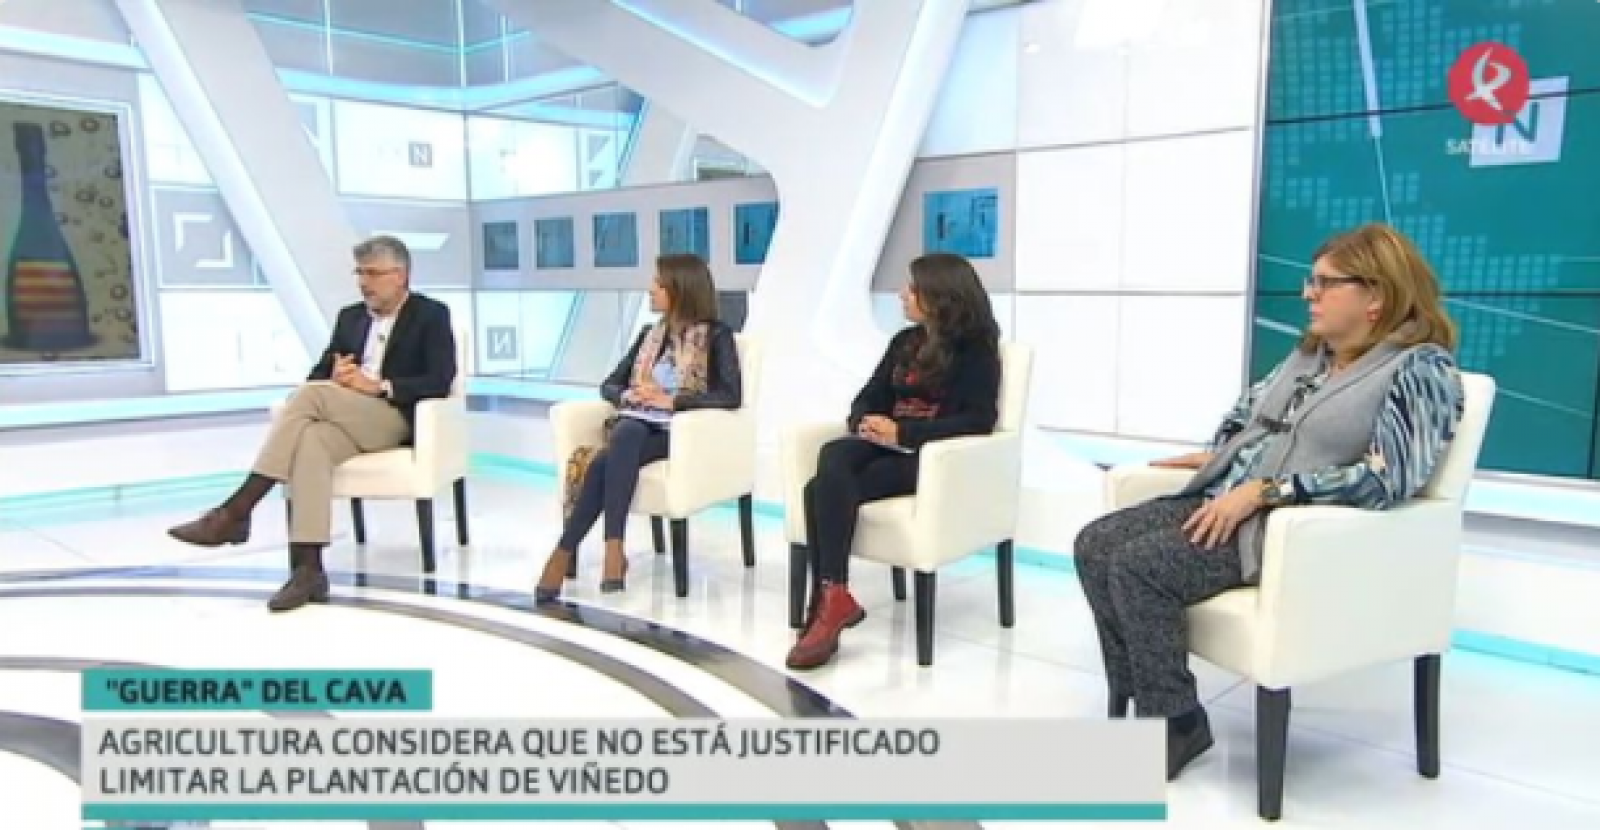 Valentín García, Portaveu del Grup Socialista de l'Assemblea d'Extremadura, a Canal Extremadura